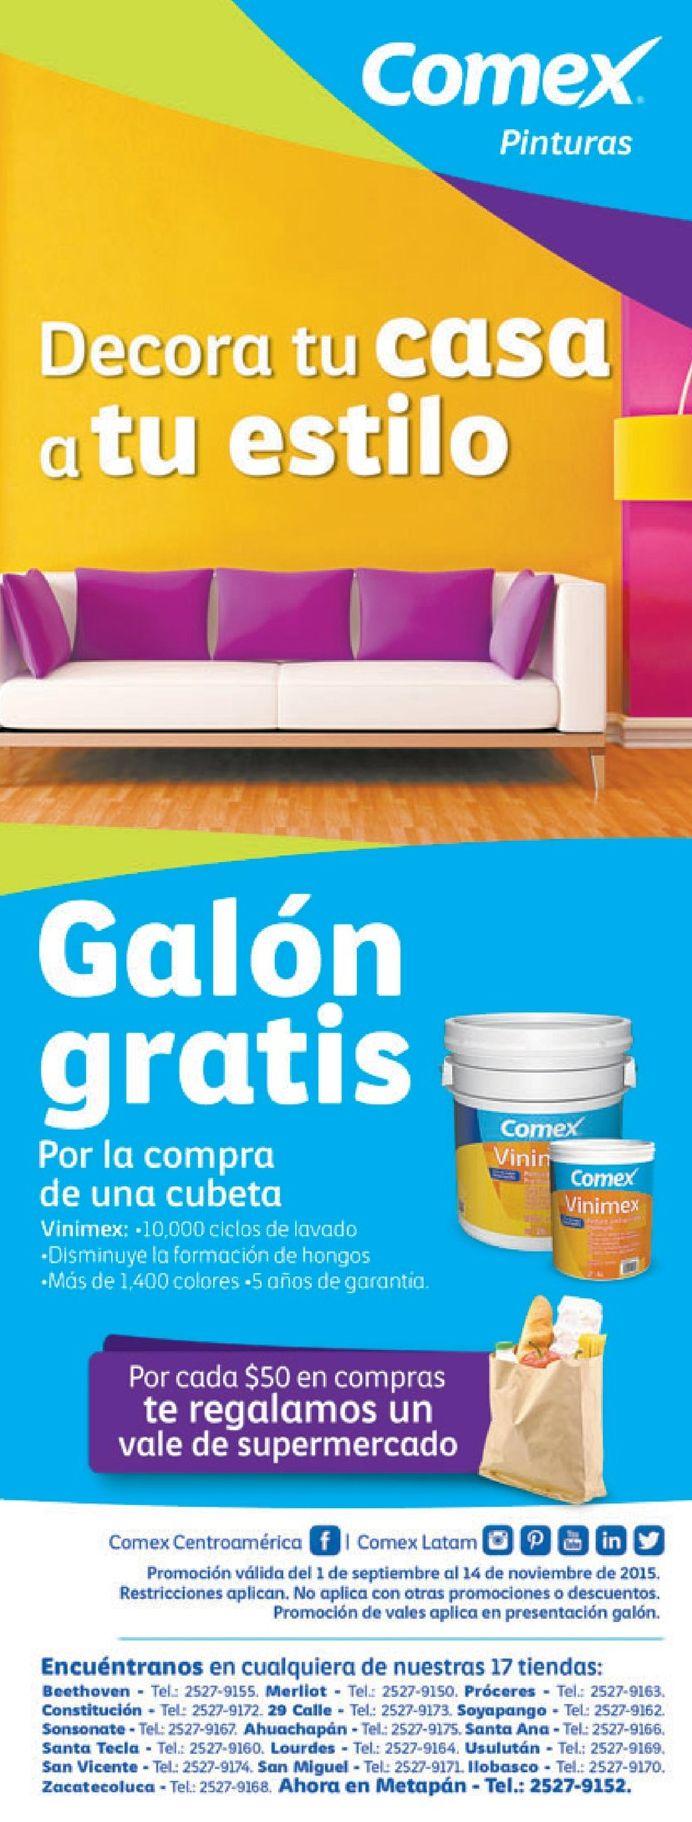 Decora tu casa a tu estilo con promociones comex pinturas - Decora tu casa juegos ...